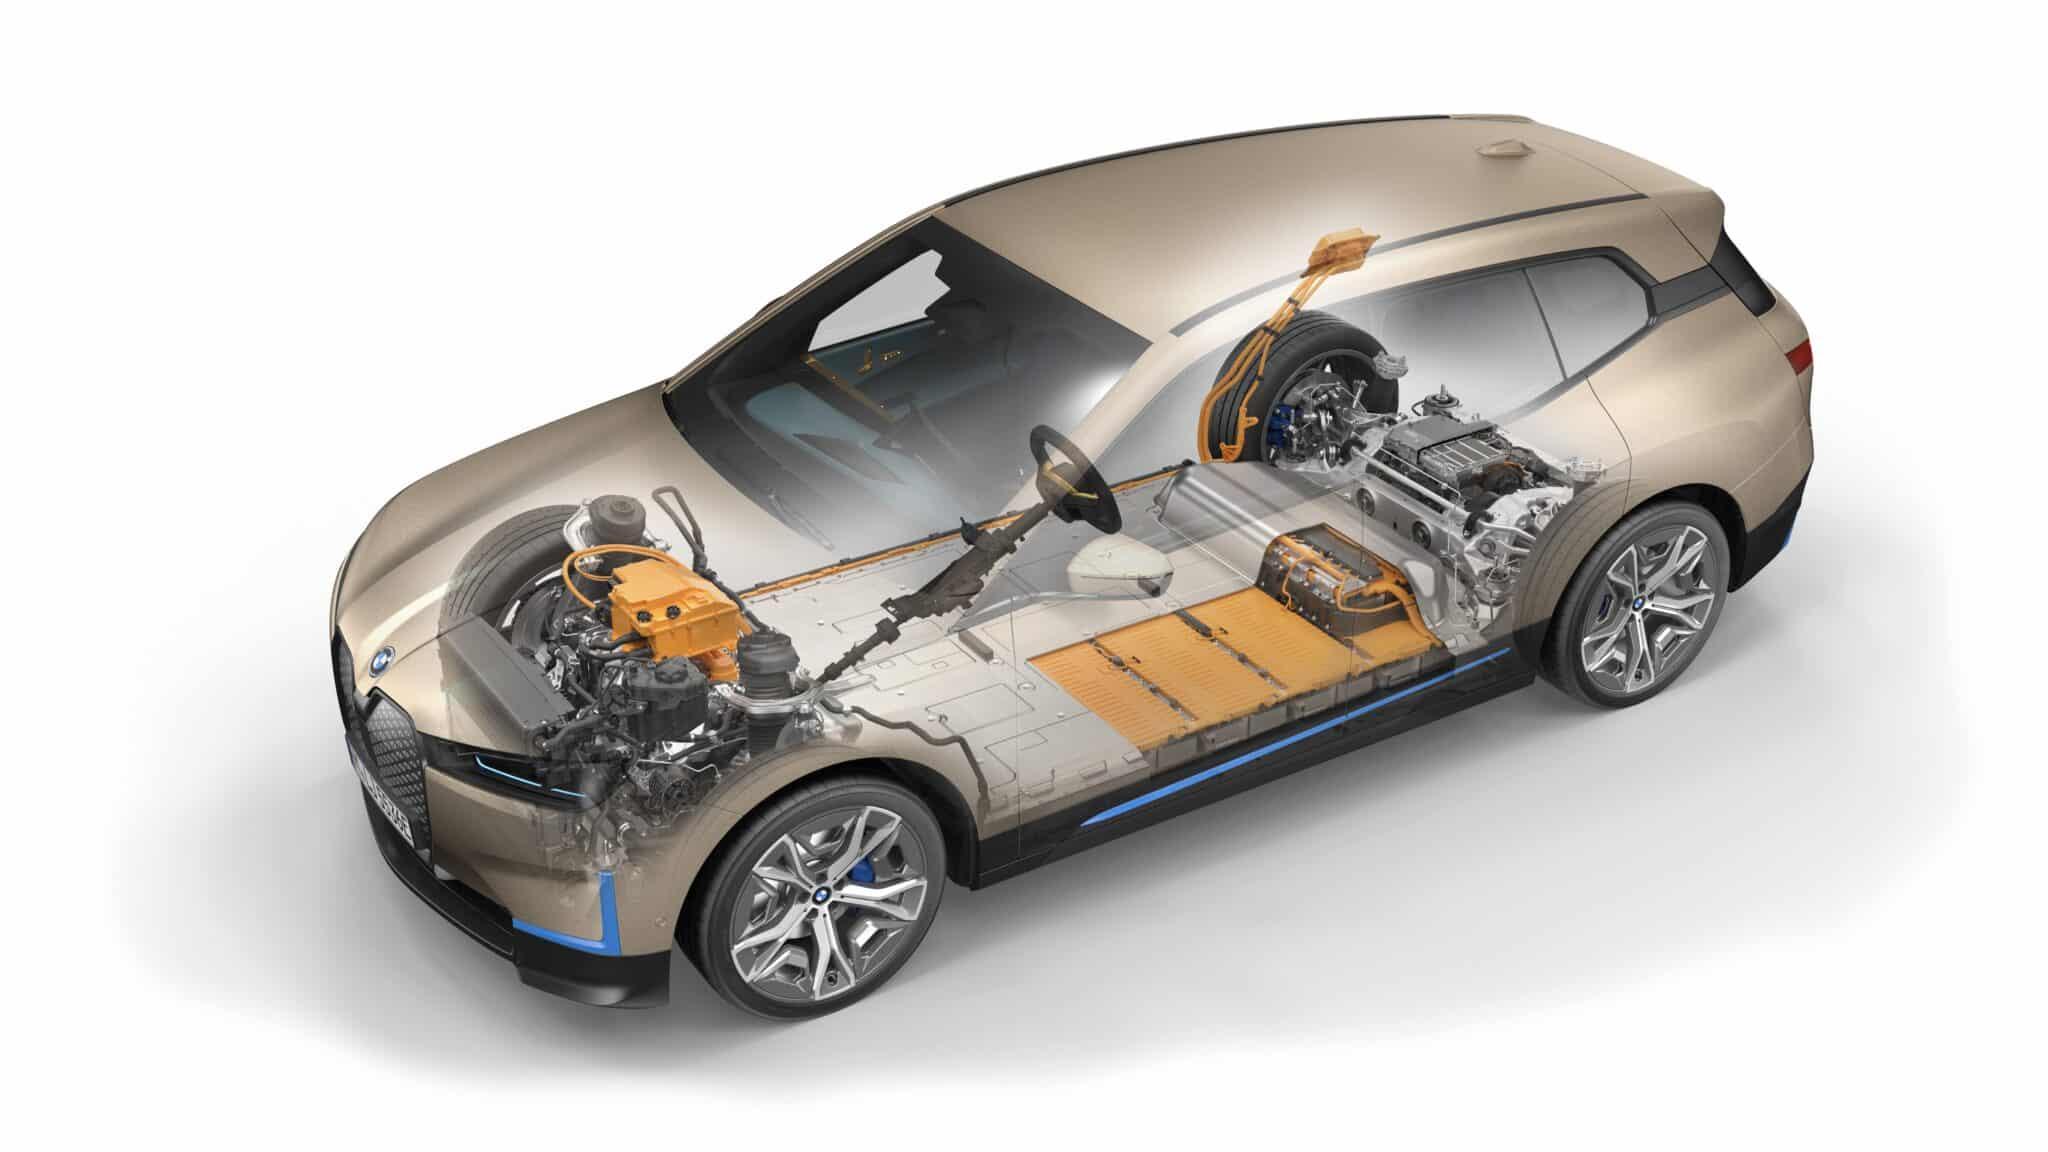 Der erste BMW iX. | P90422861 highRes bmw gen5 powertrain min scaled